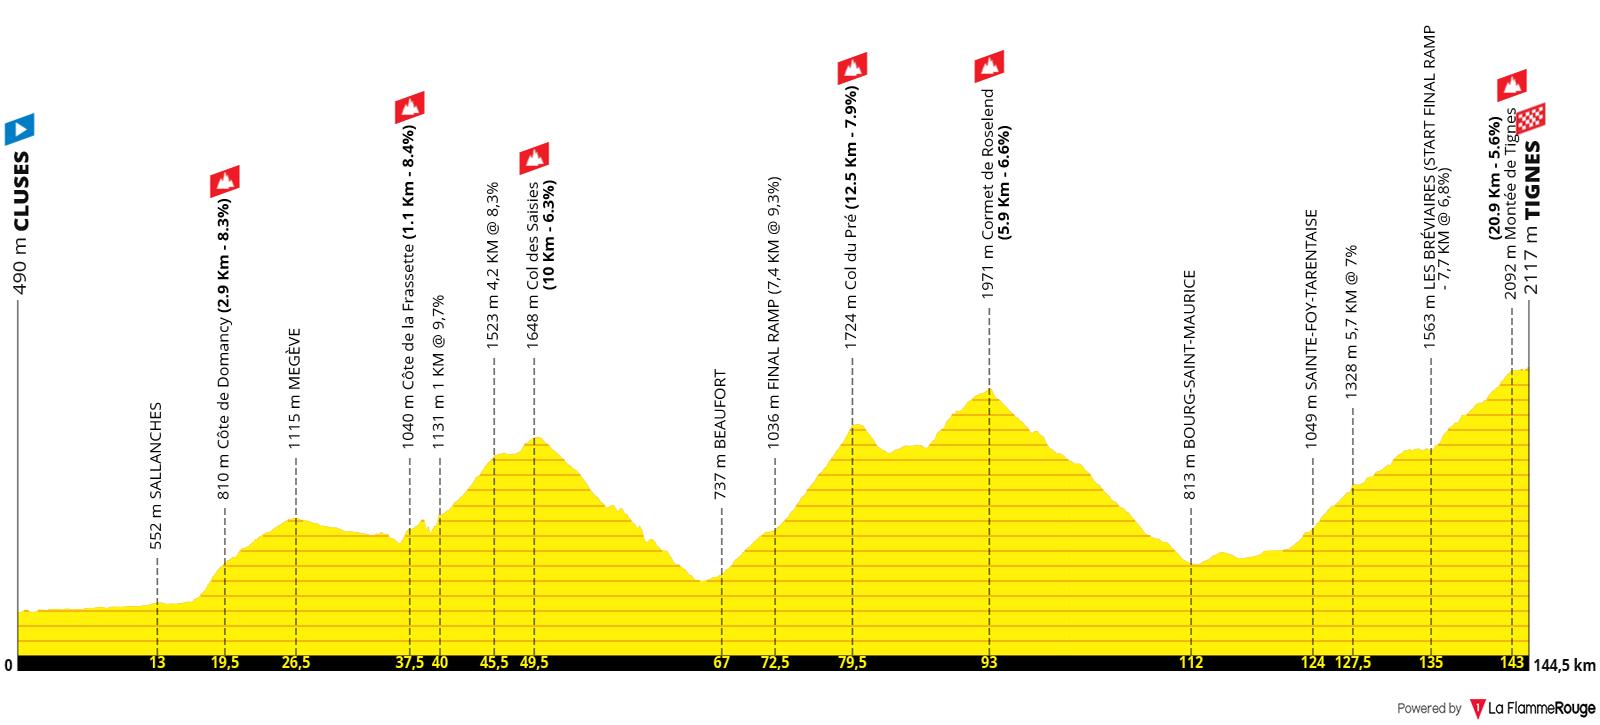 Etapa 09 - Tour de Francia 2021